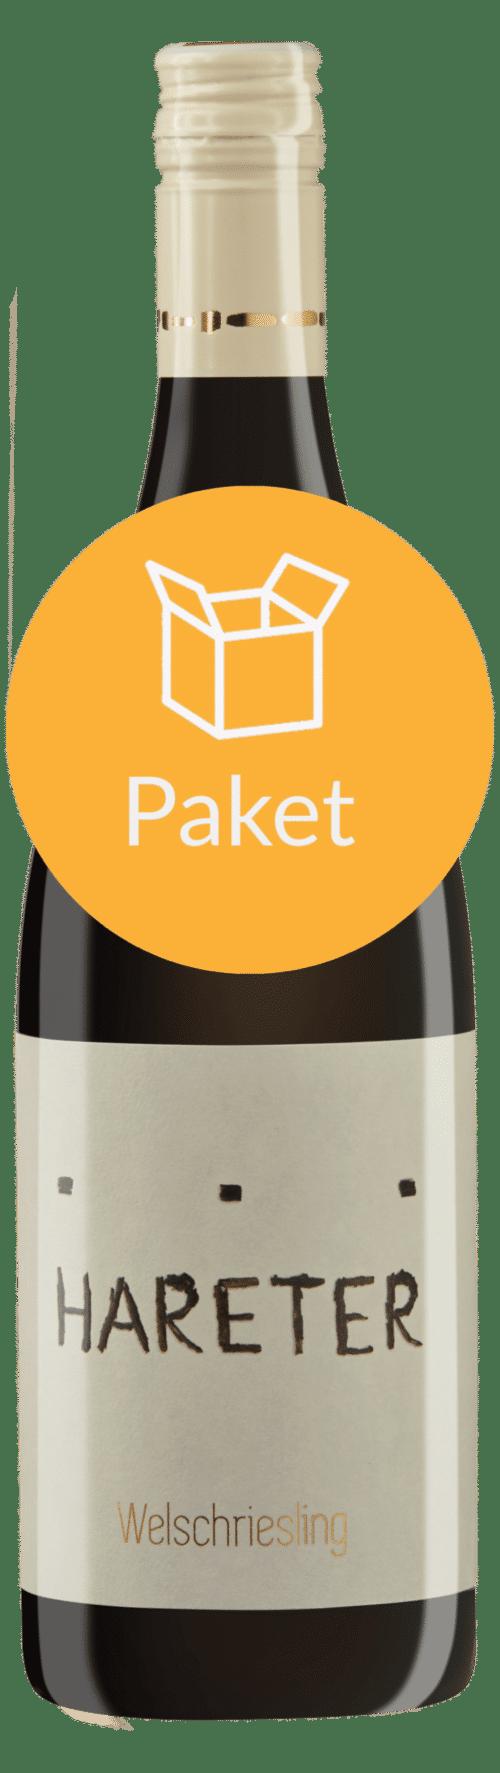 histaminfreier Wein kaufen - Hareter